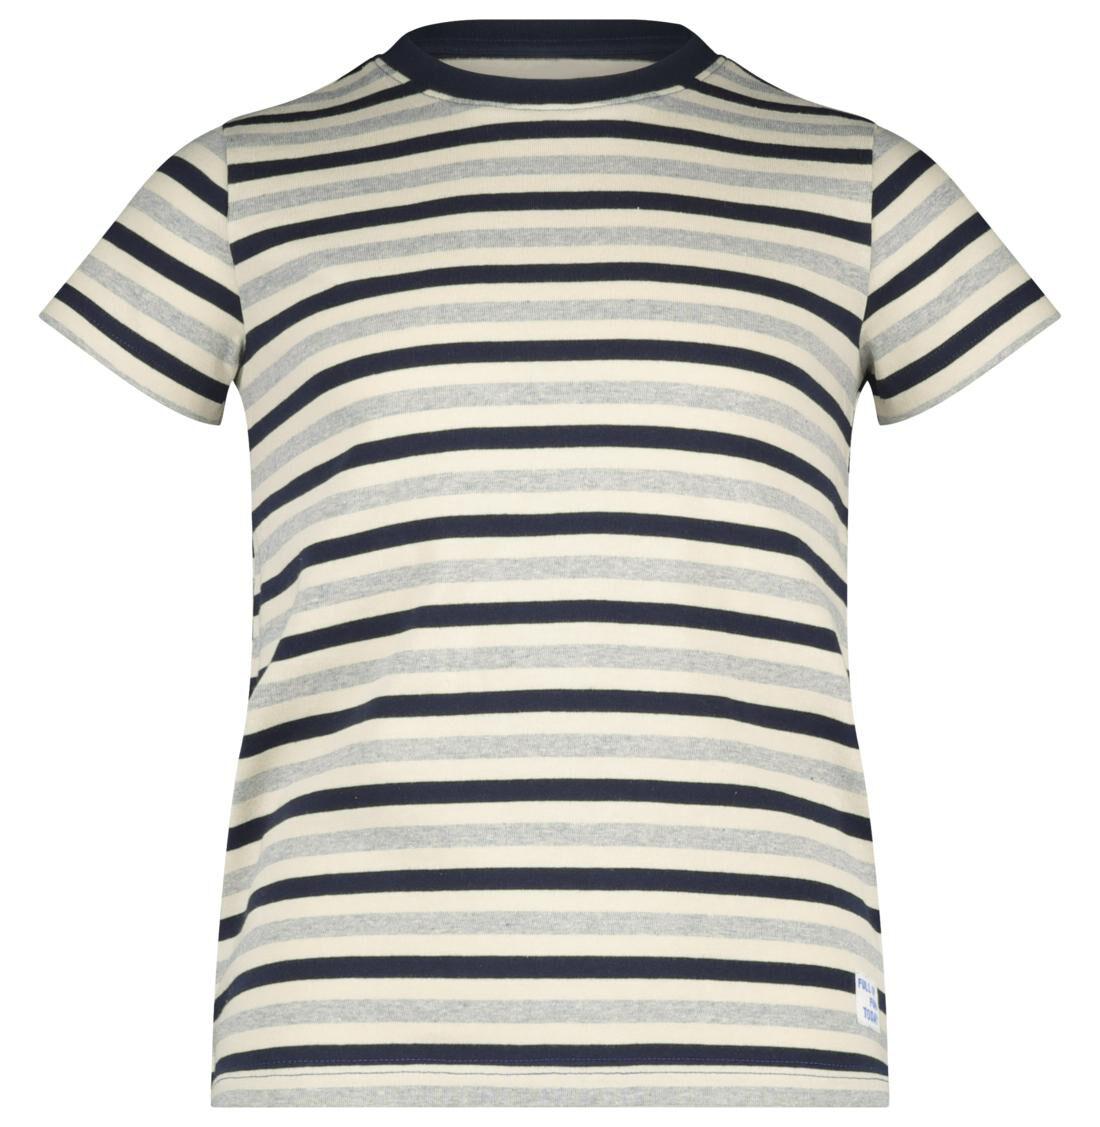 HEMA Kinder T-shirt Donkerblauw (donkerblauw)